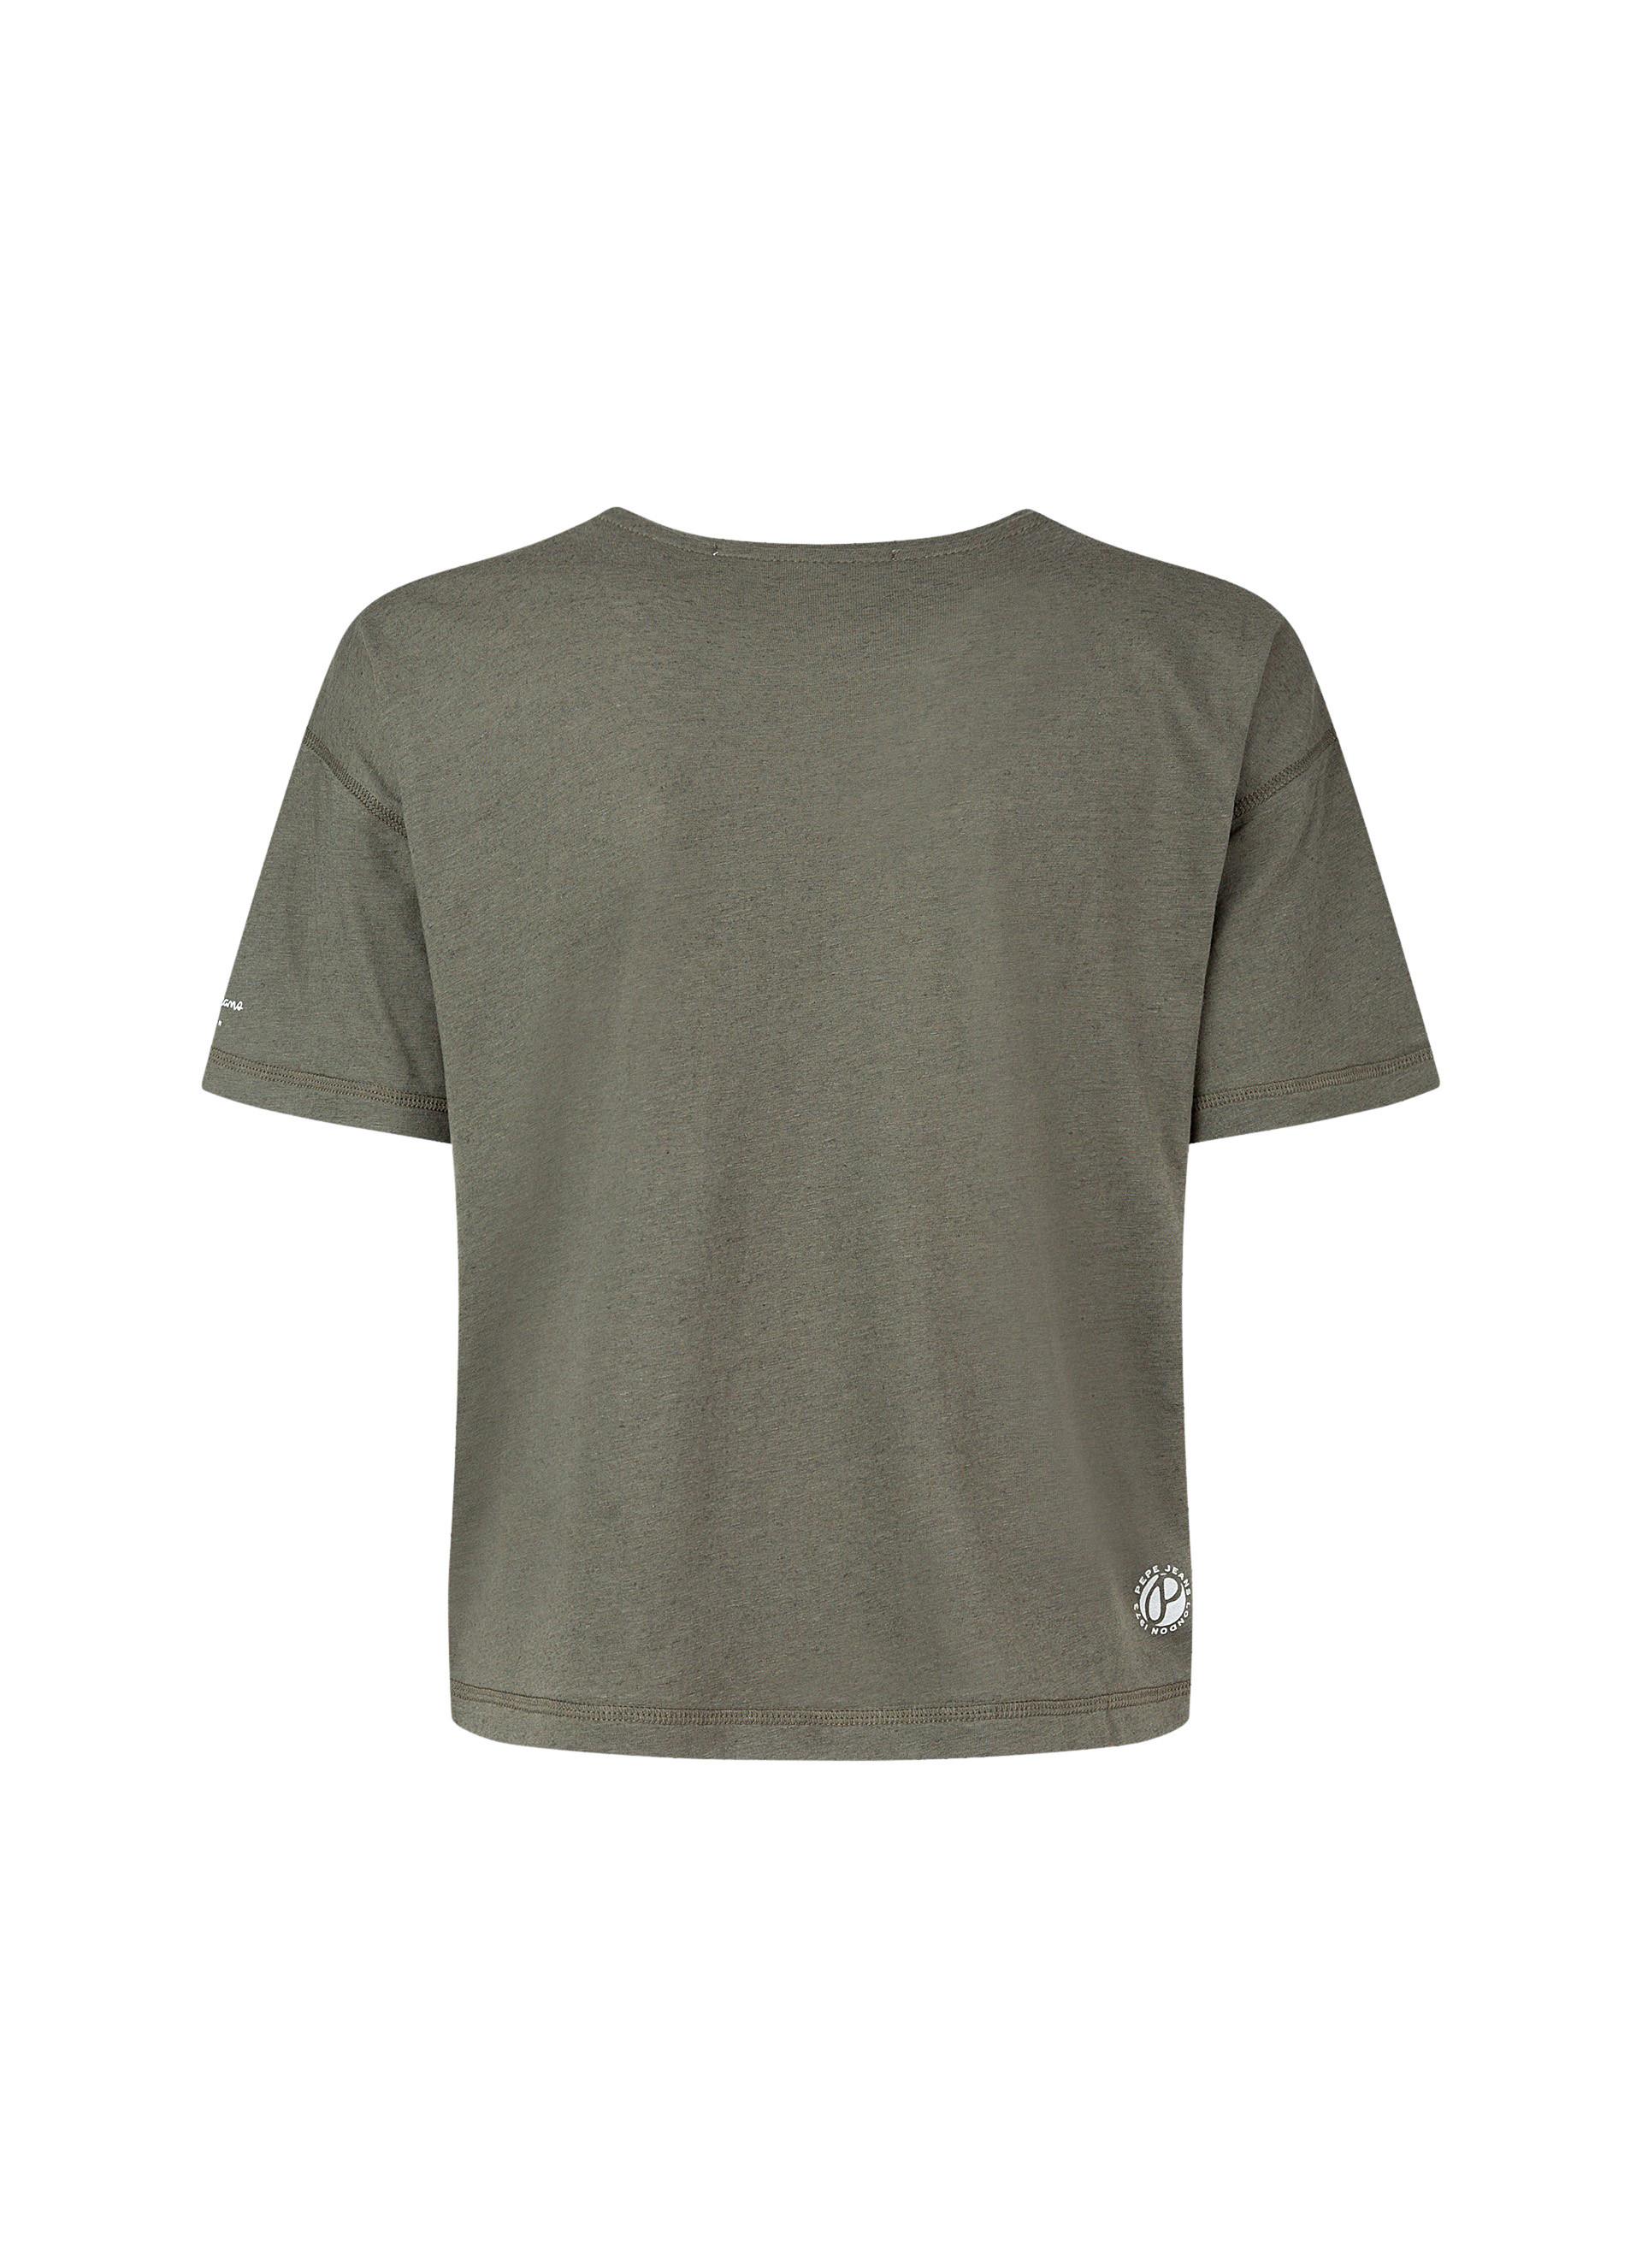 T-Shirt donna Amaya, Arancione, large image number 1